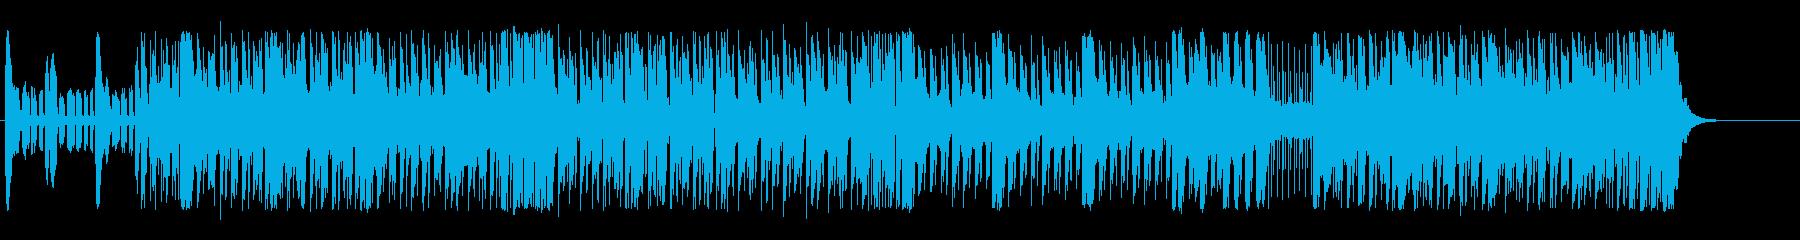 疾走感のあるエネルギッシュなテクノBGMの再生済みの波形